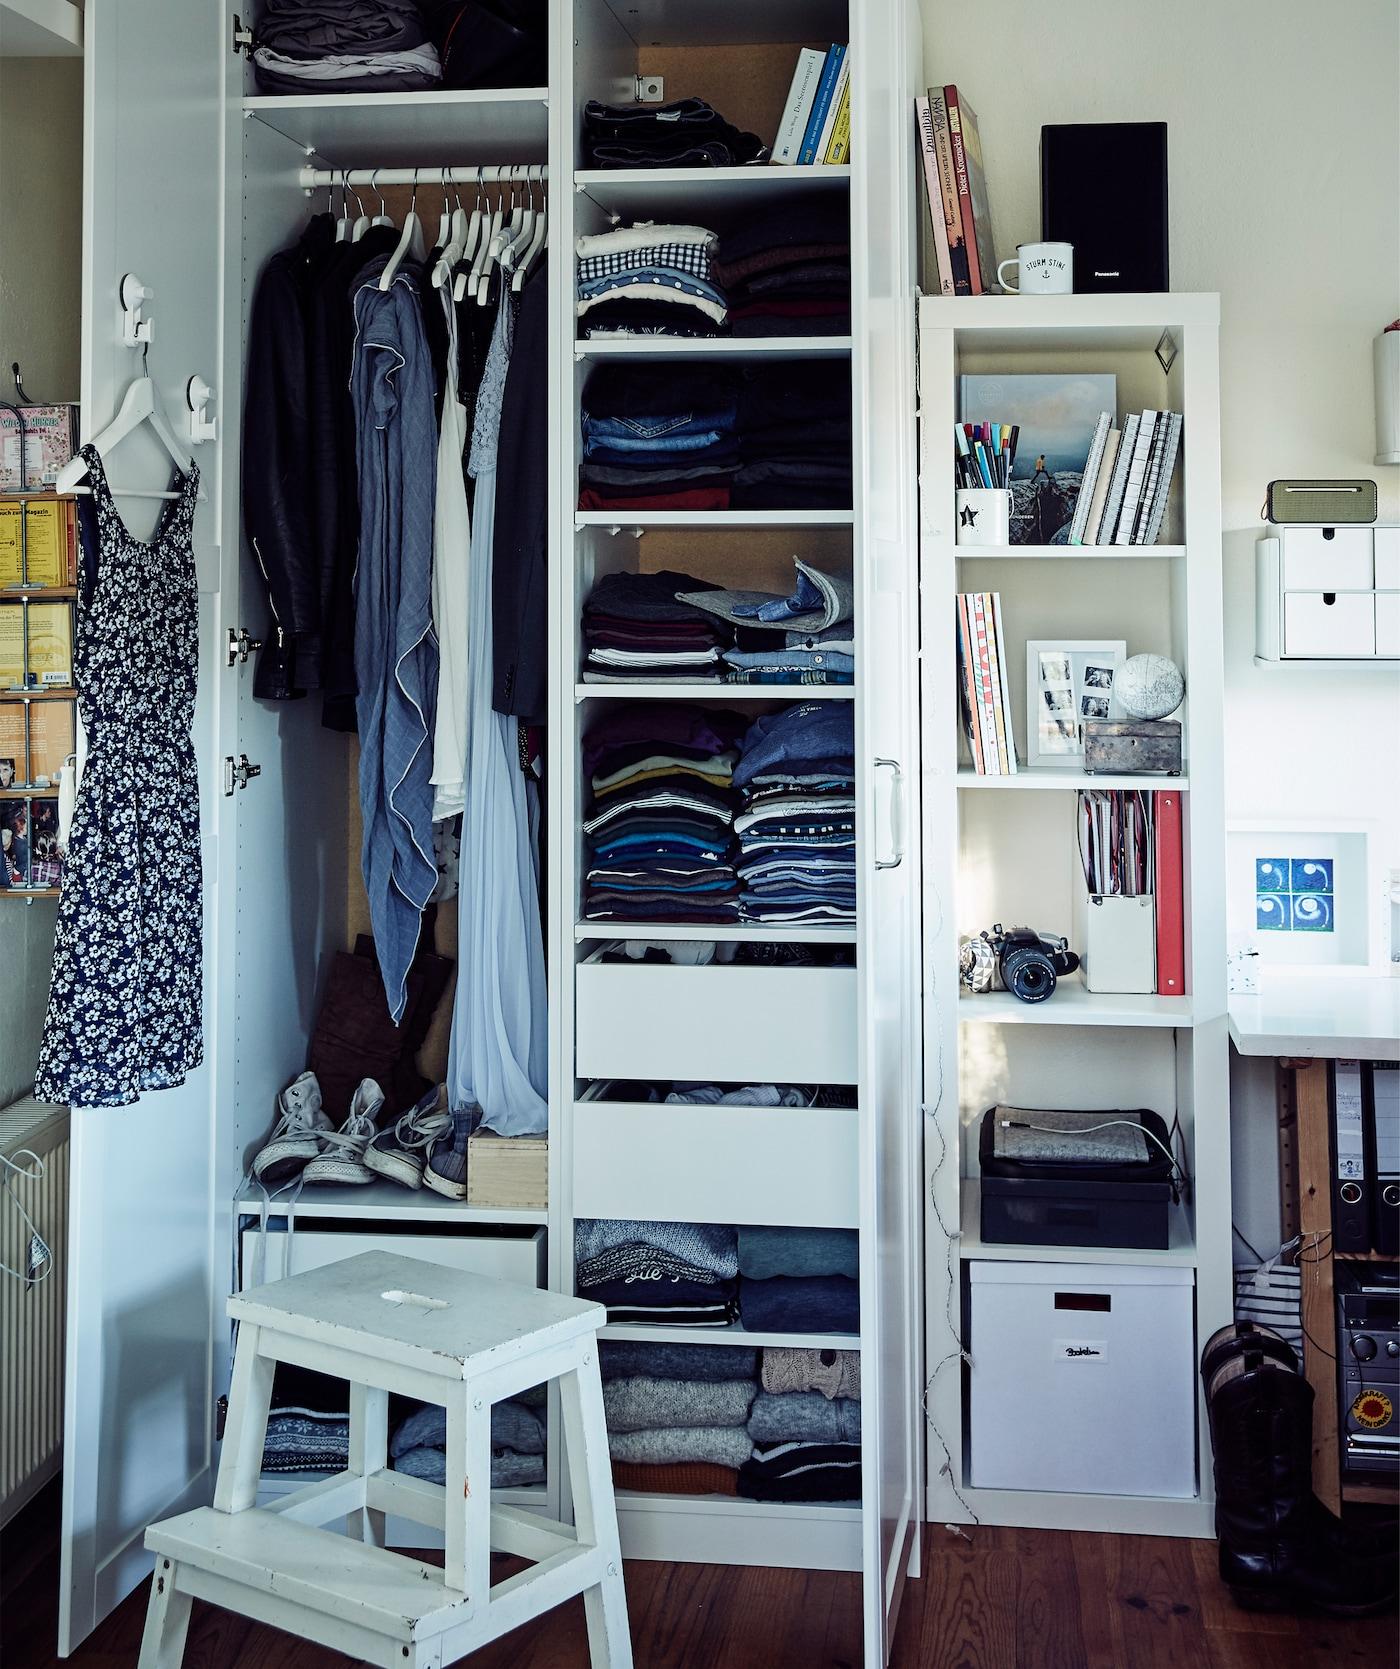 Organizzare Cabina Armadio Ikea.Per Ikea Guardaroba Pax Idee Organizzare Il X80wopnk